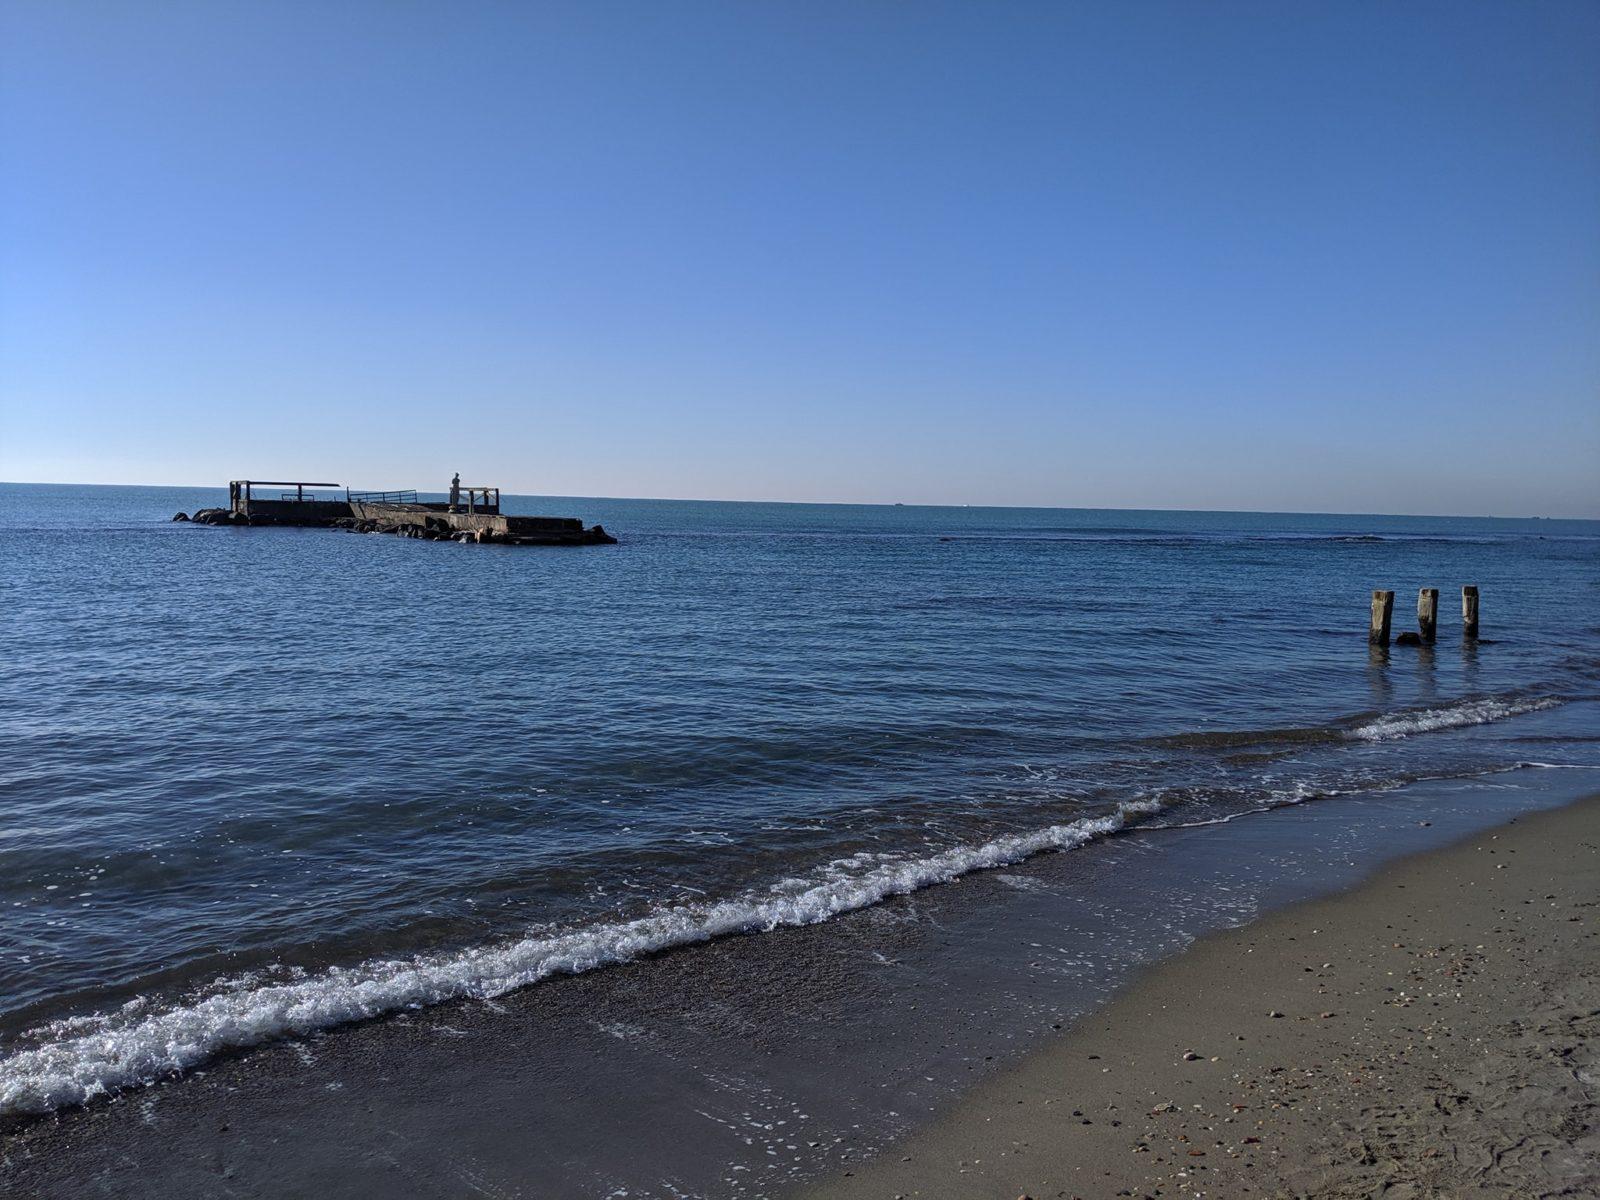 Lido di Ostia (RM) - Pontile dei Pescatori - Foto di Stefania Buoni - 1 gennaio 2020